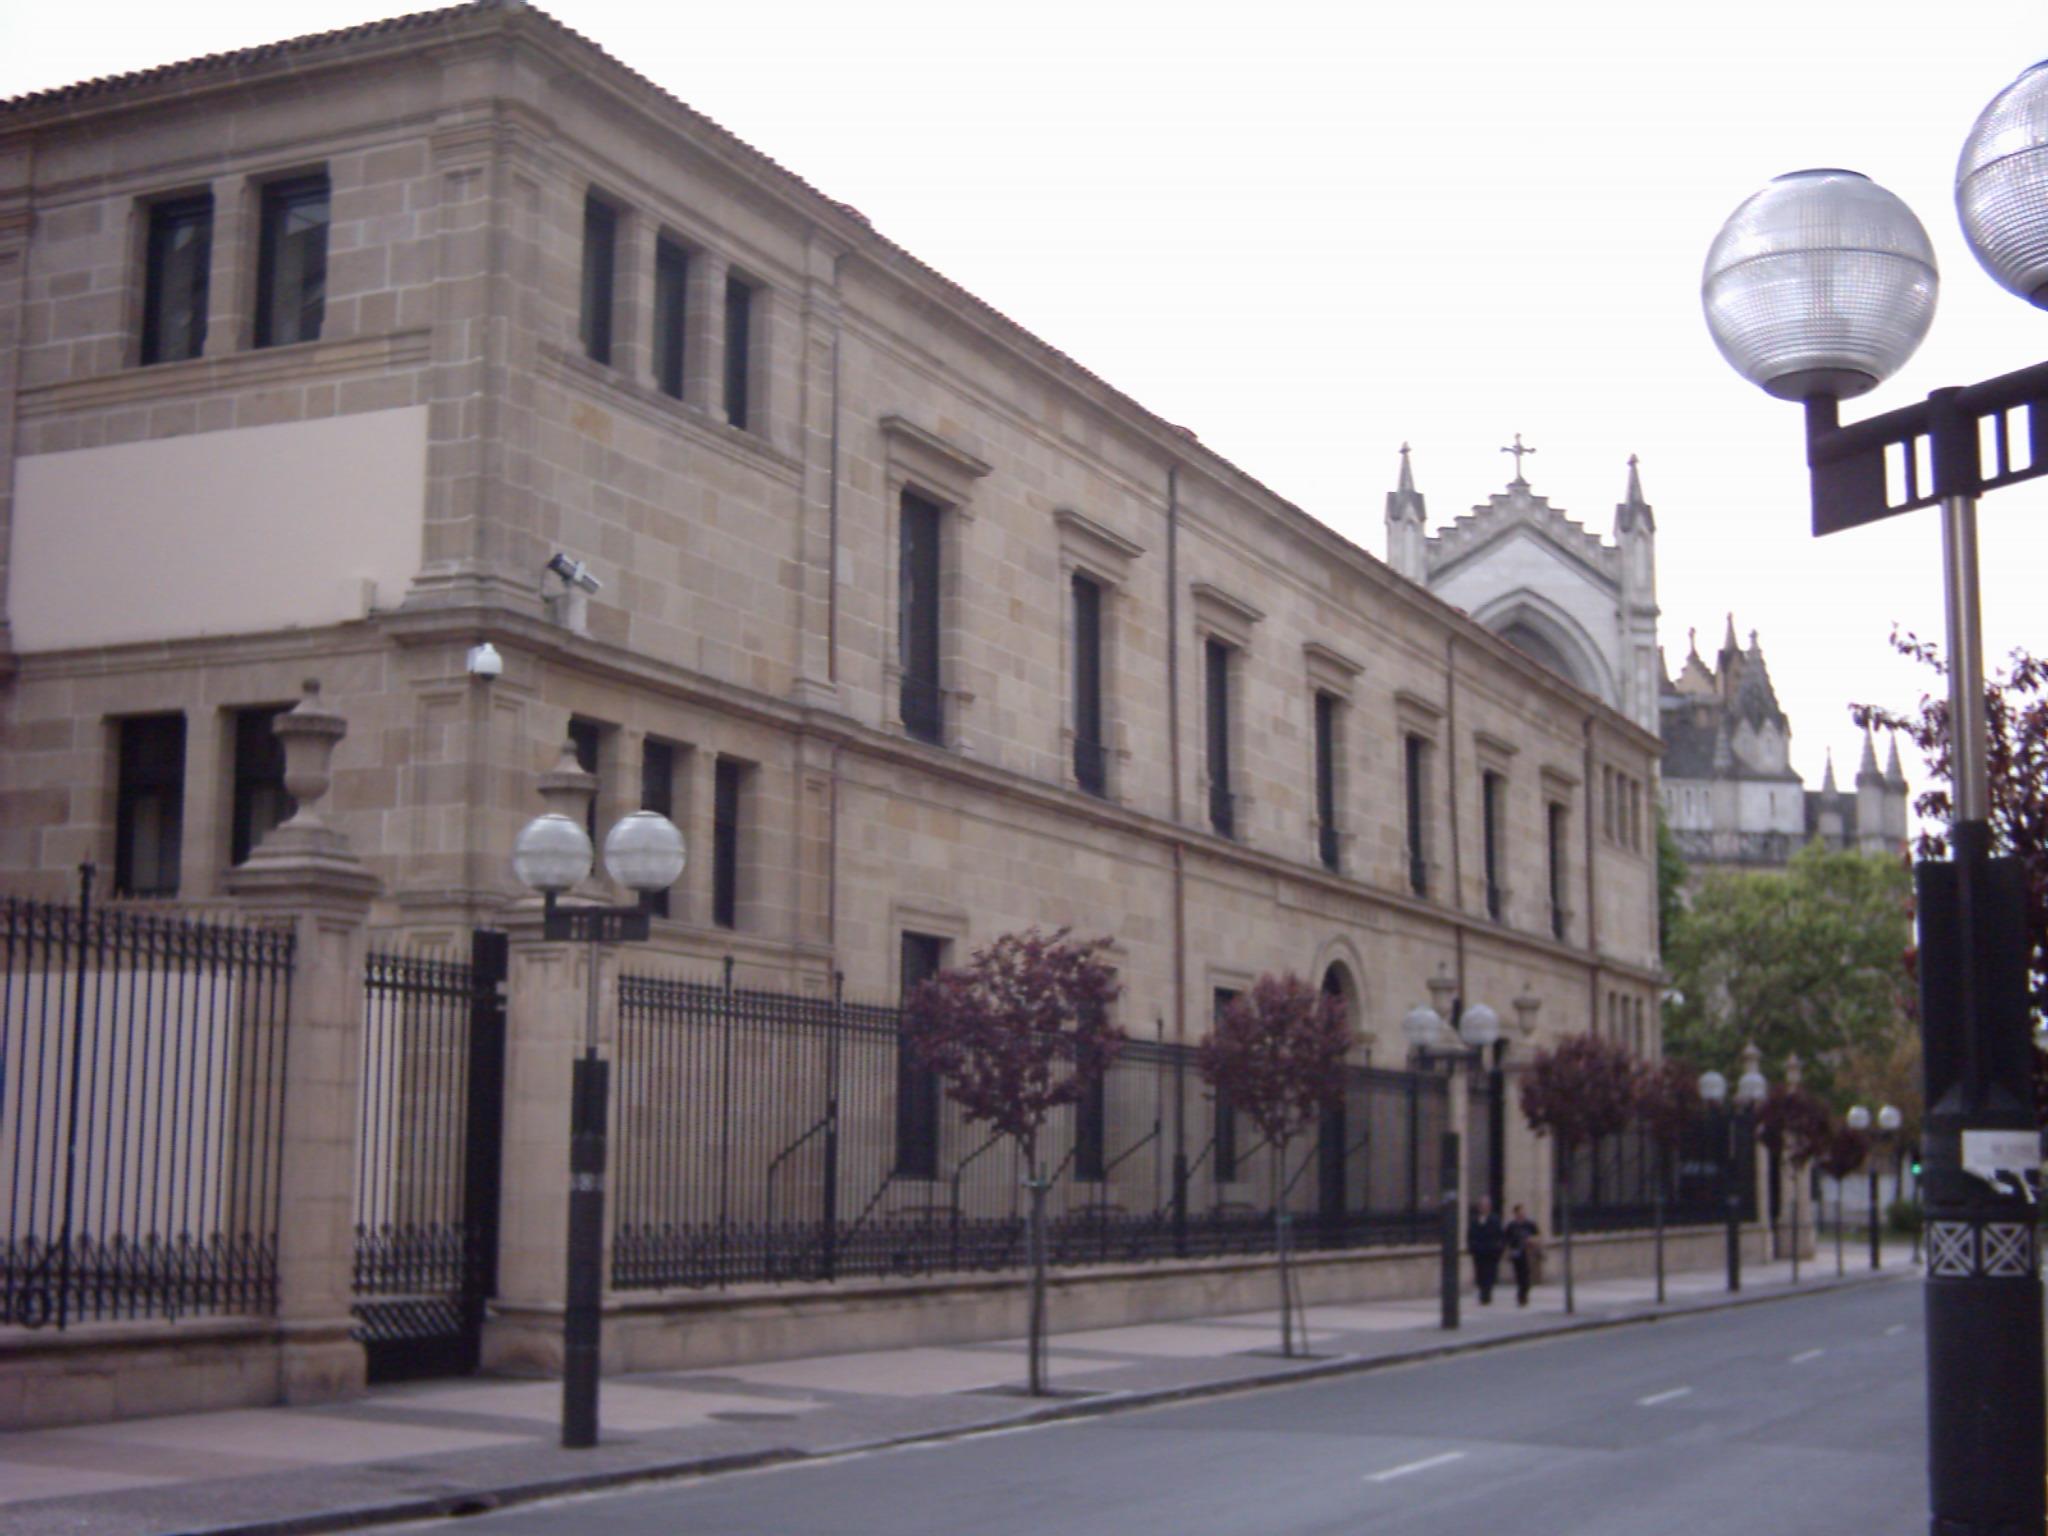 Archivo parlamento vasco wikipedia la for Parlamento wikipedia